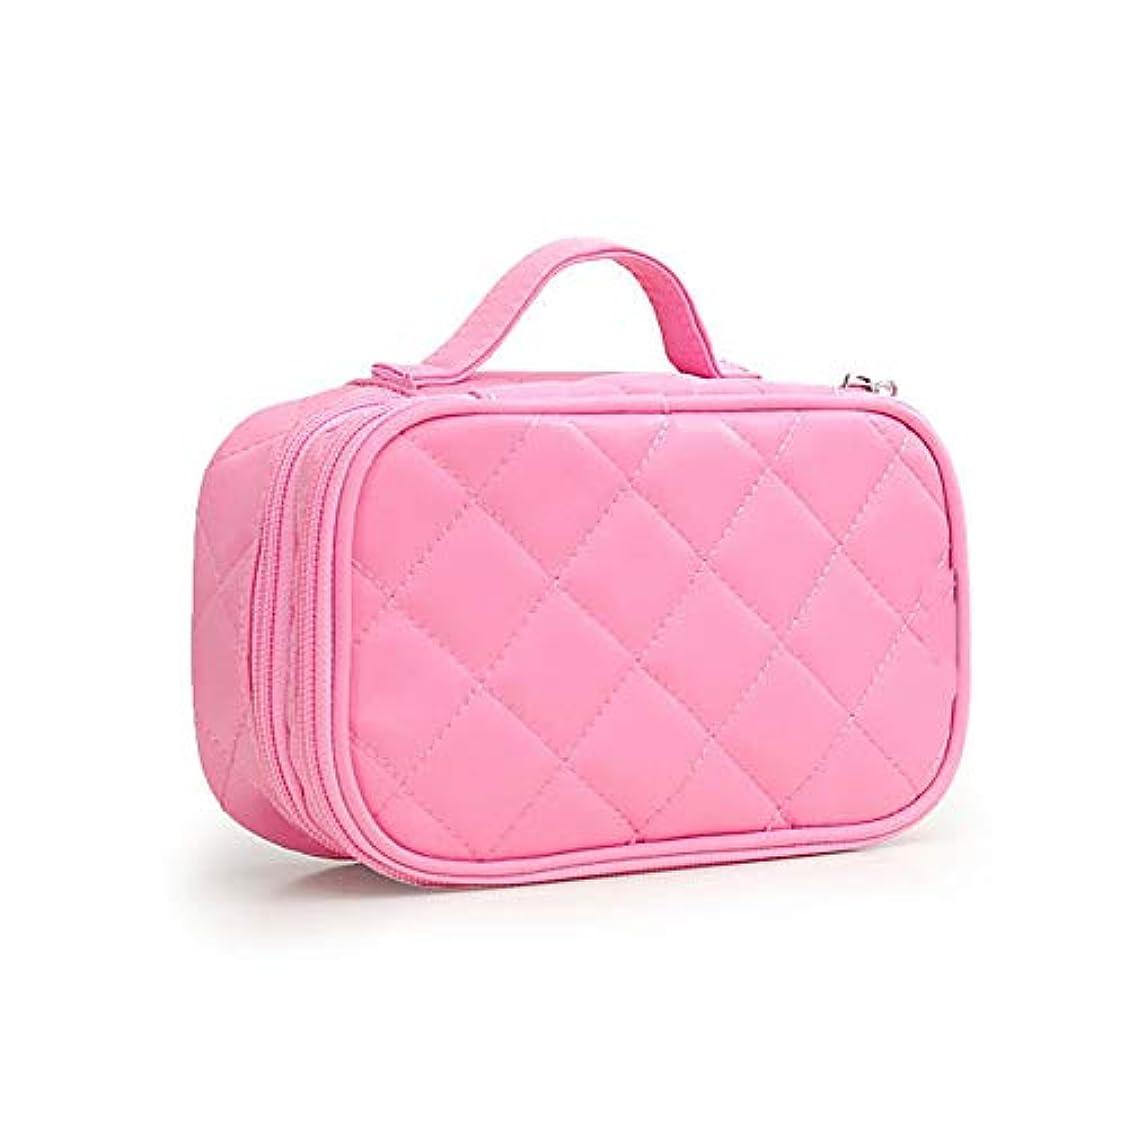 インペリアルレビュー保育園化粧オーガナイザーバッグ 女性の化粧品バッグのポータブル韓国語バージョン創造的な ナイロン防水洗浄バッグ。 化粧品ケース (色 : ピンク)